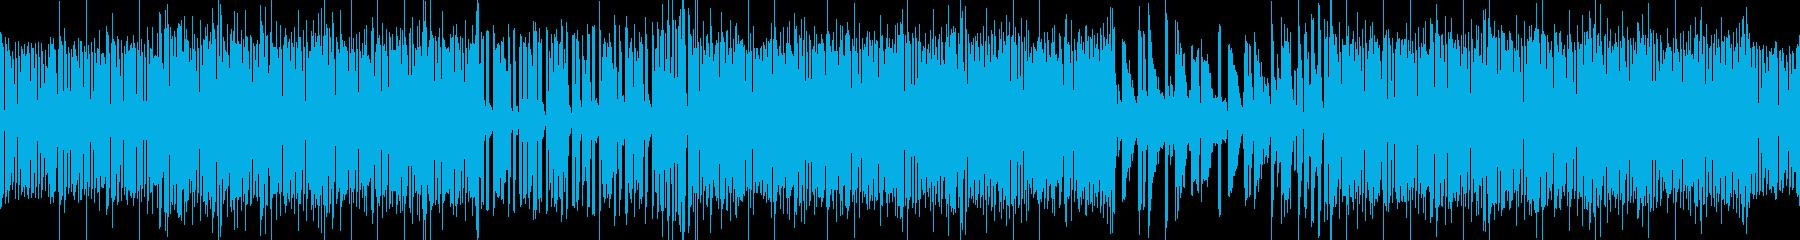 ご機嫌なキーボドソロが印象的なFUNK風の再生済みの波形